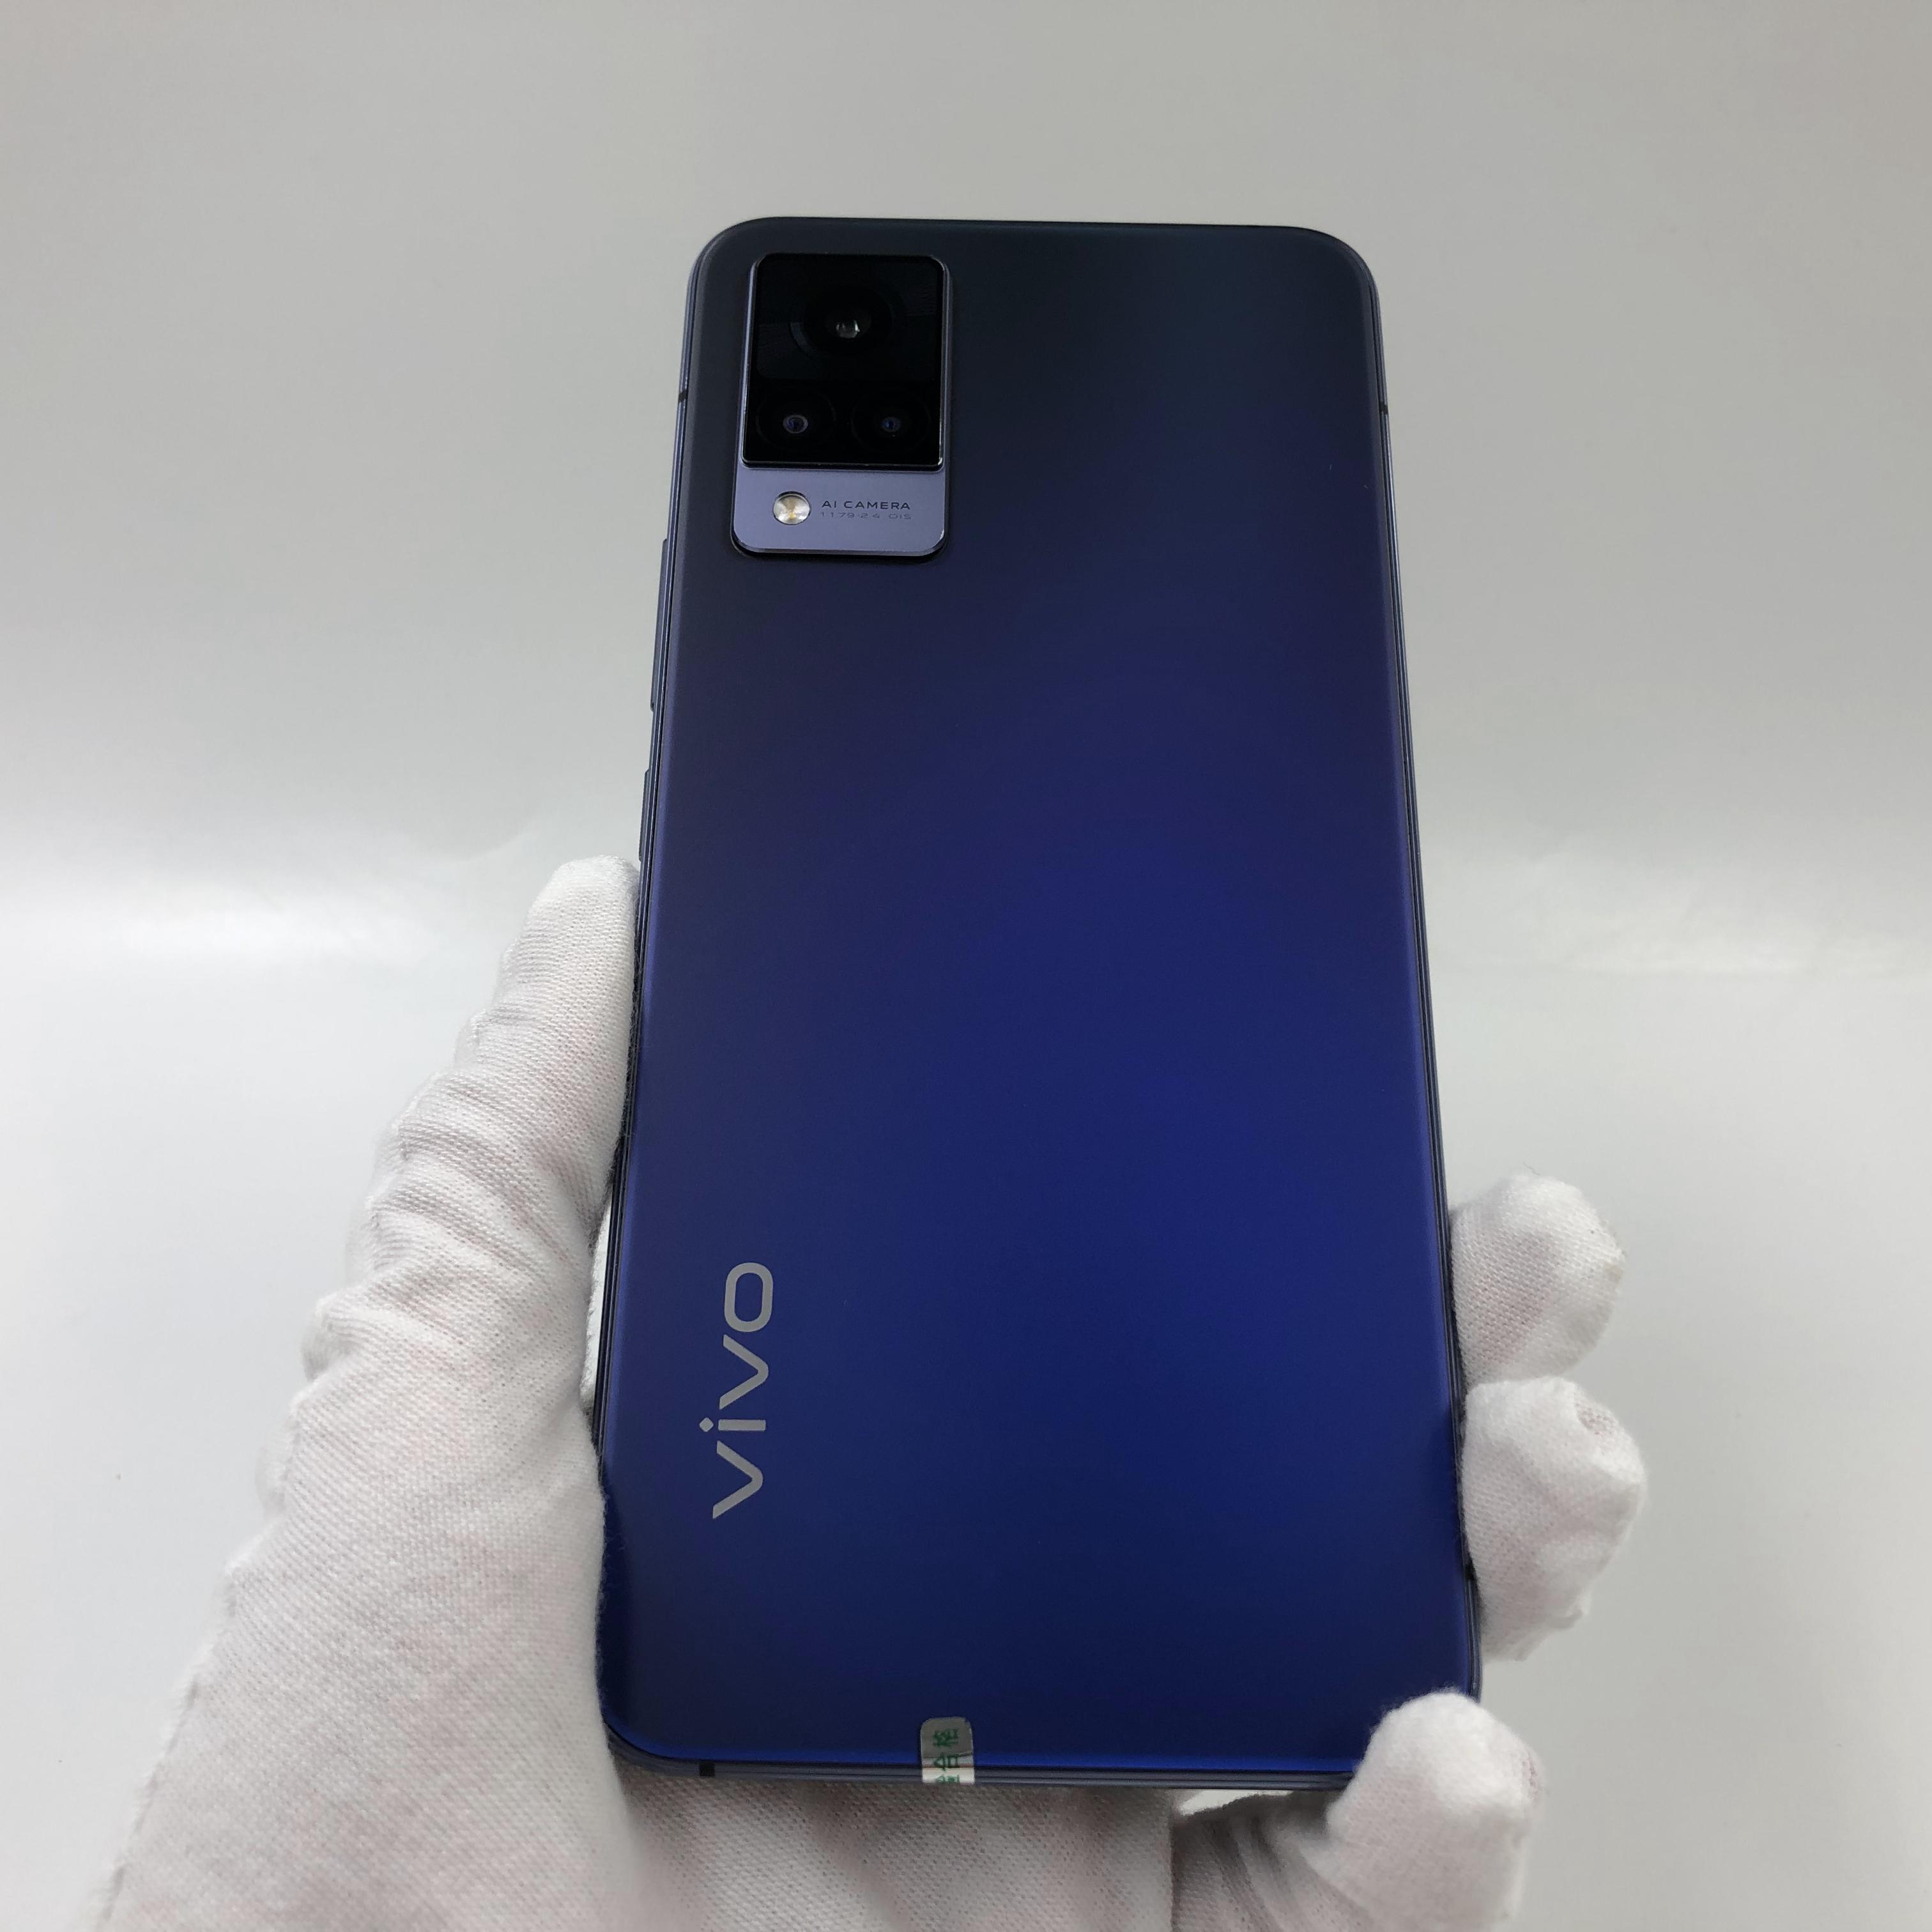 vivo【S9 5G】5G全网通 子夜蓝 8G/128G 国行 95新 真机实拍有配件